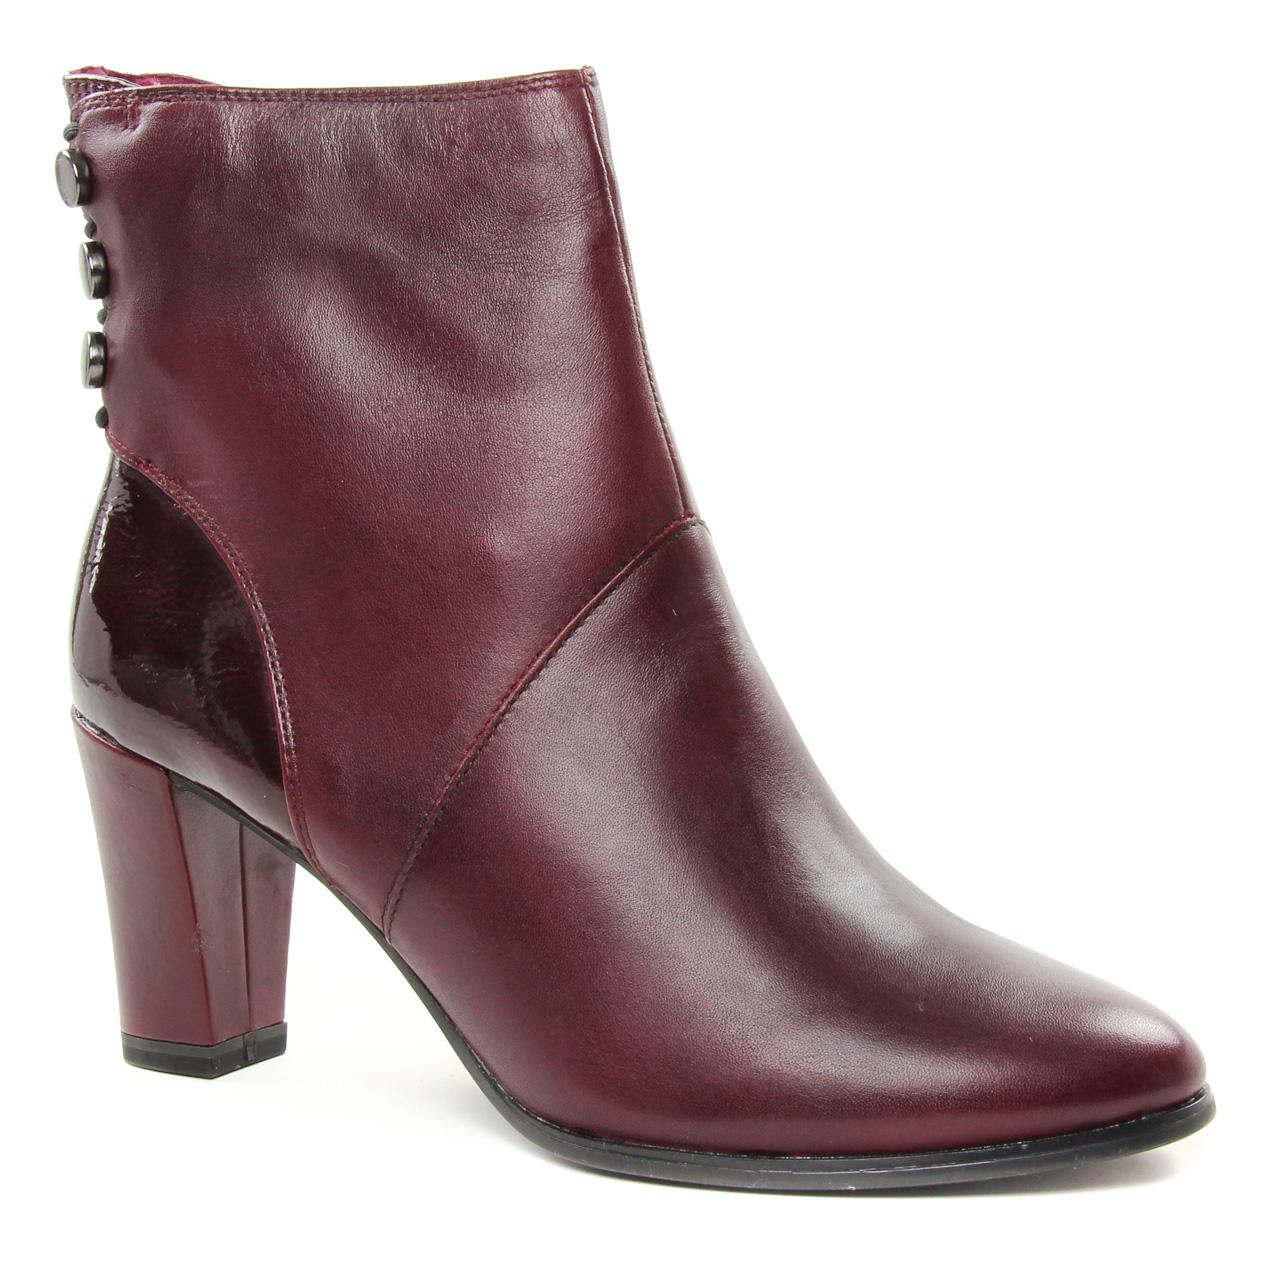 bf0a6d80035 boots talon rouge bordeaux mode femme automne hiver vue 1